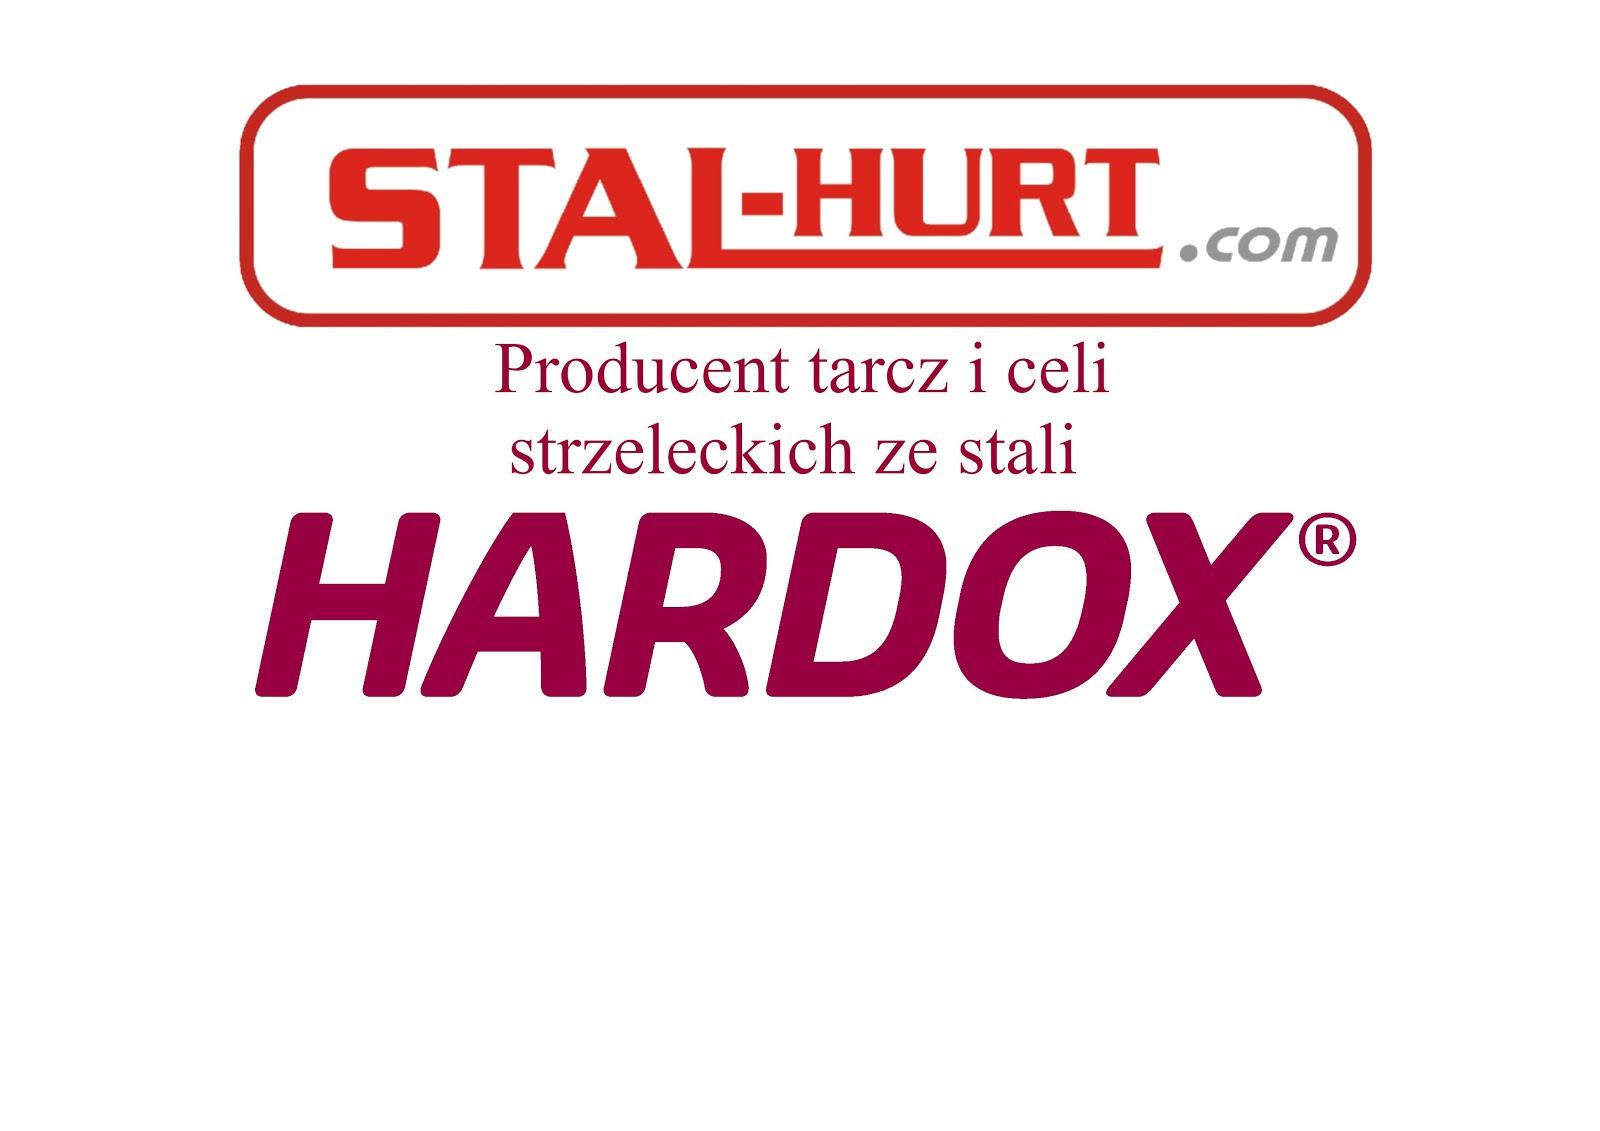 STAL-HURT